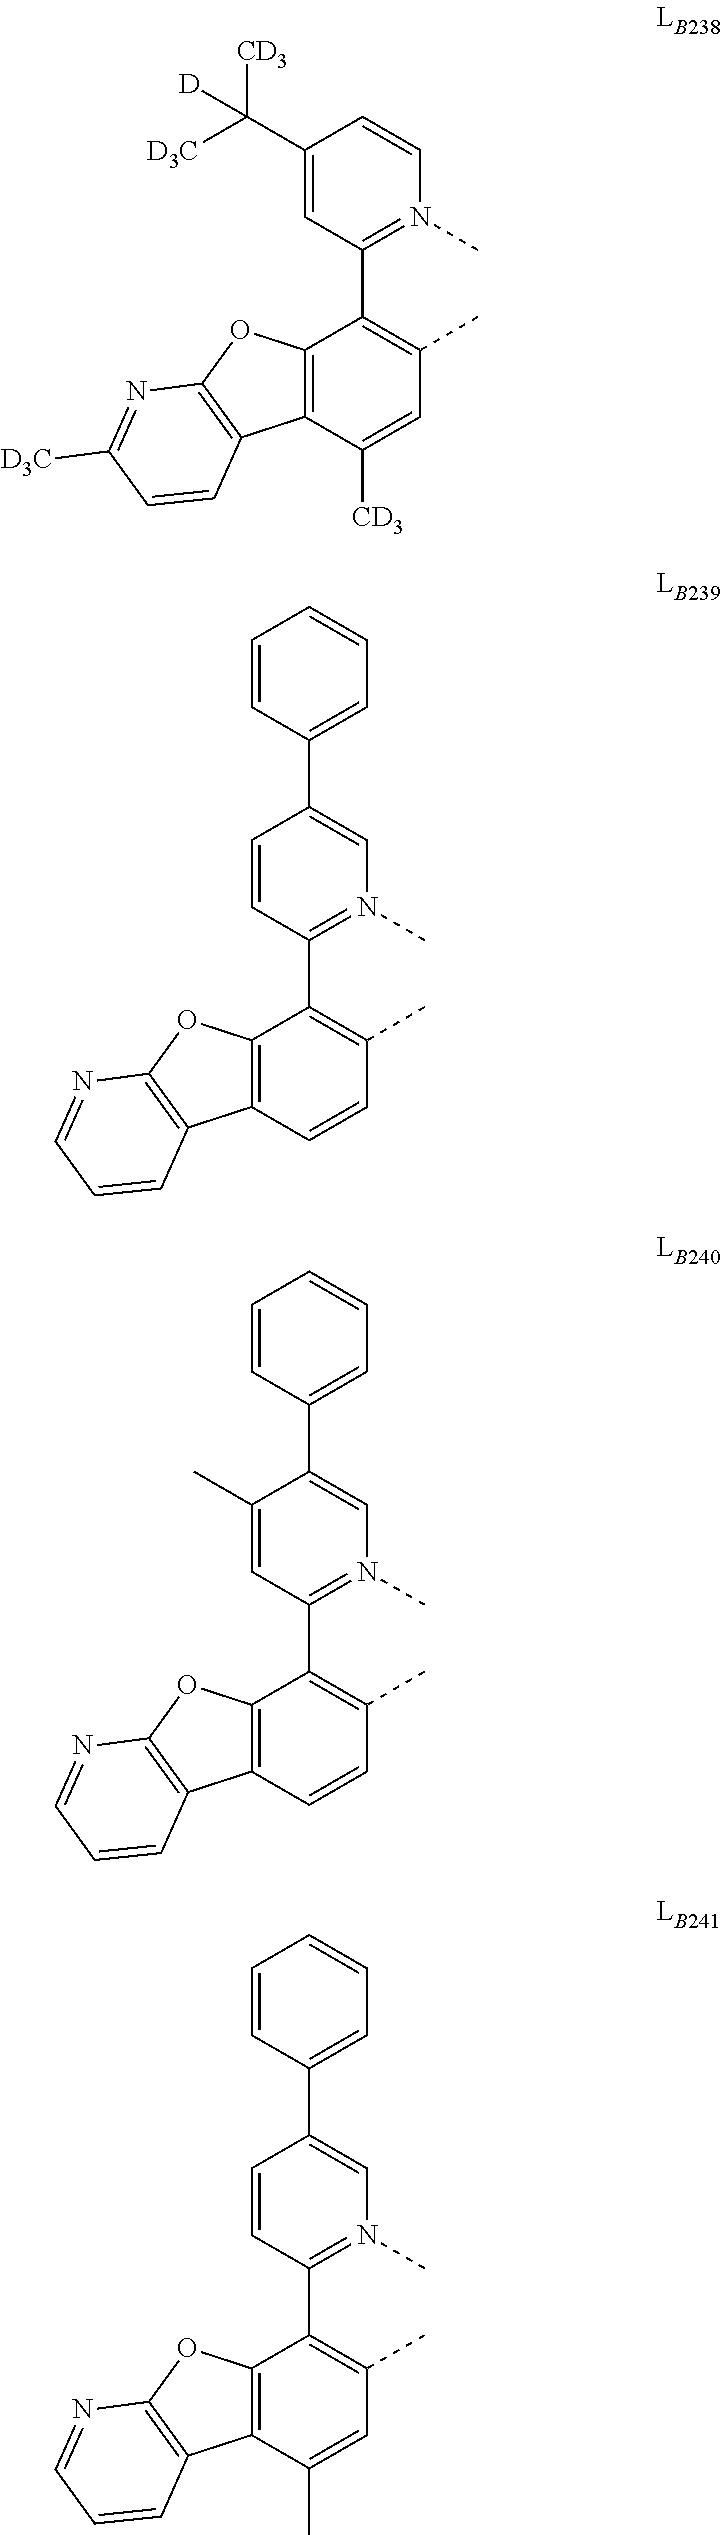 Figure US20180130962A1-20180510-C00114